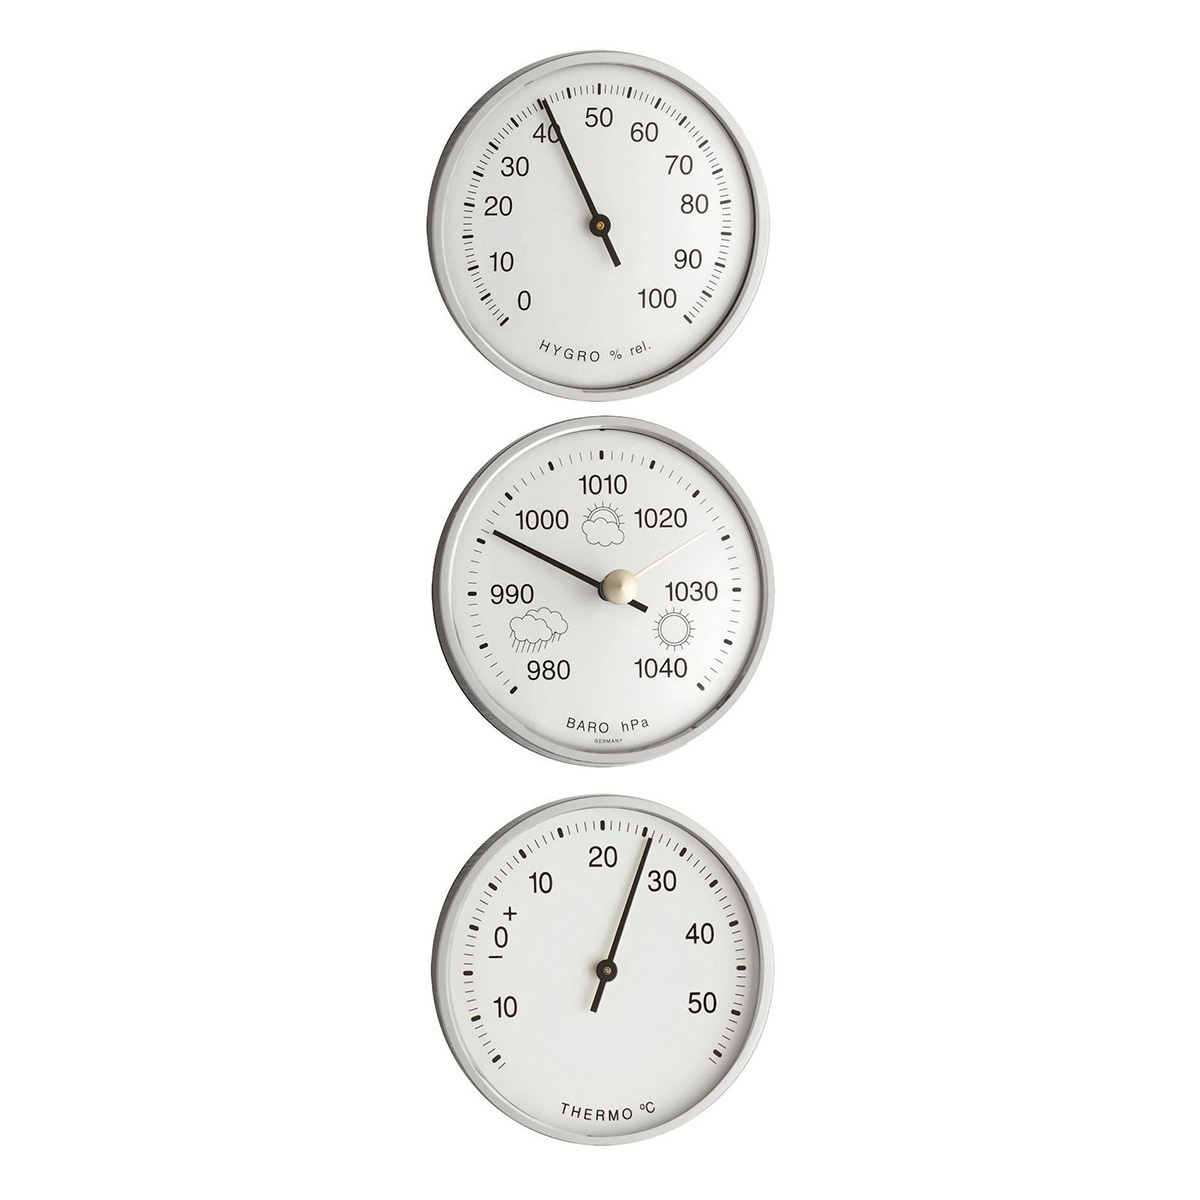 20-3024-analoges-werke-set-für-wetterstation-1200x1200px.jpg